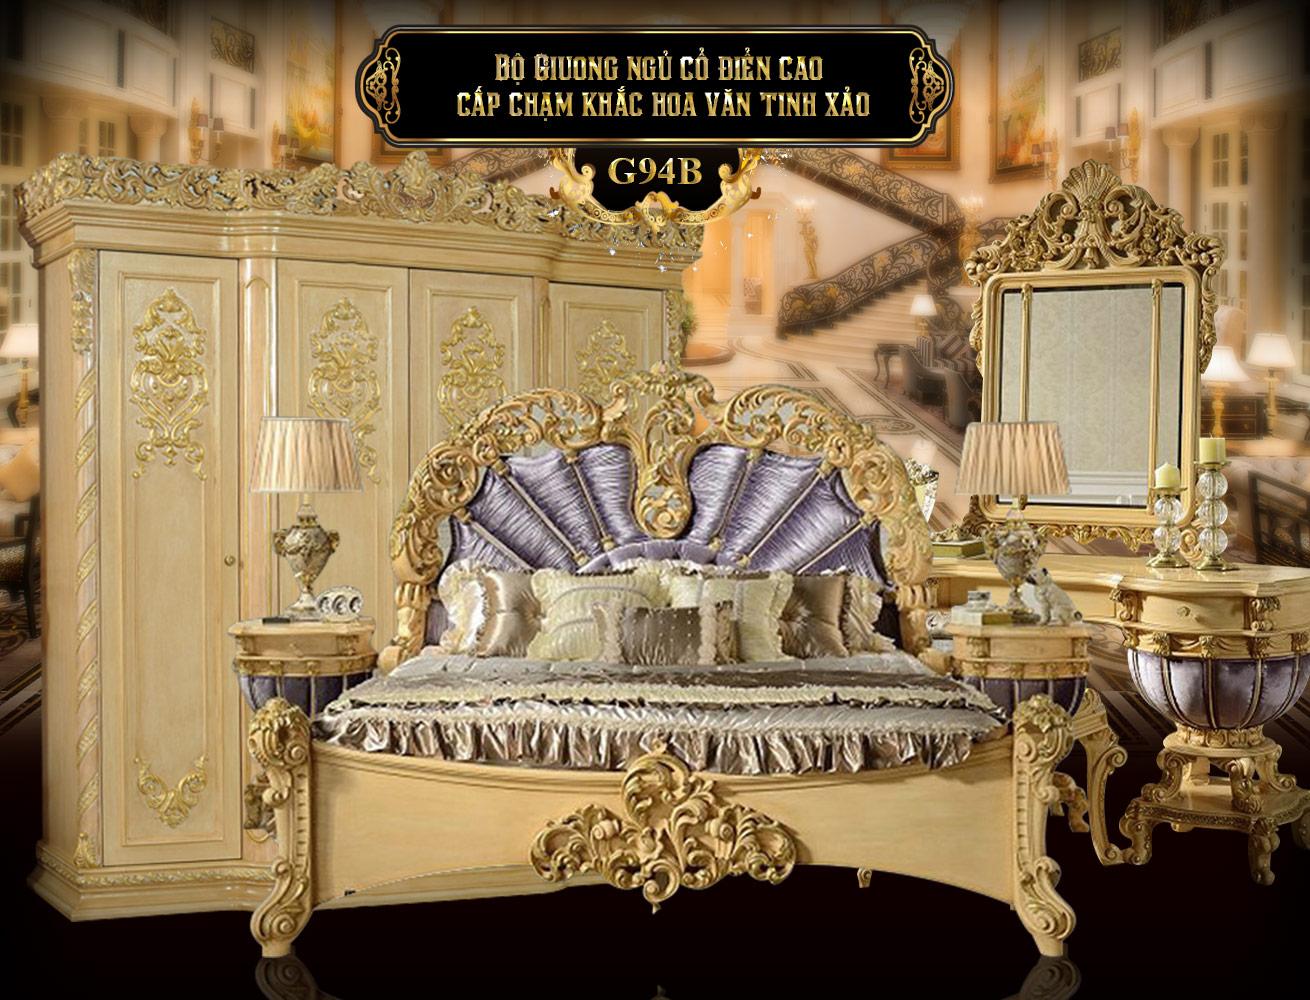 Bộ giường ngủ cổ điển G94B   Giường ngủ cổ điển giá rẻ tại Hà Nội   Mua bộ giường cổ điển